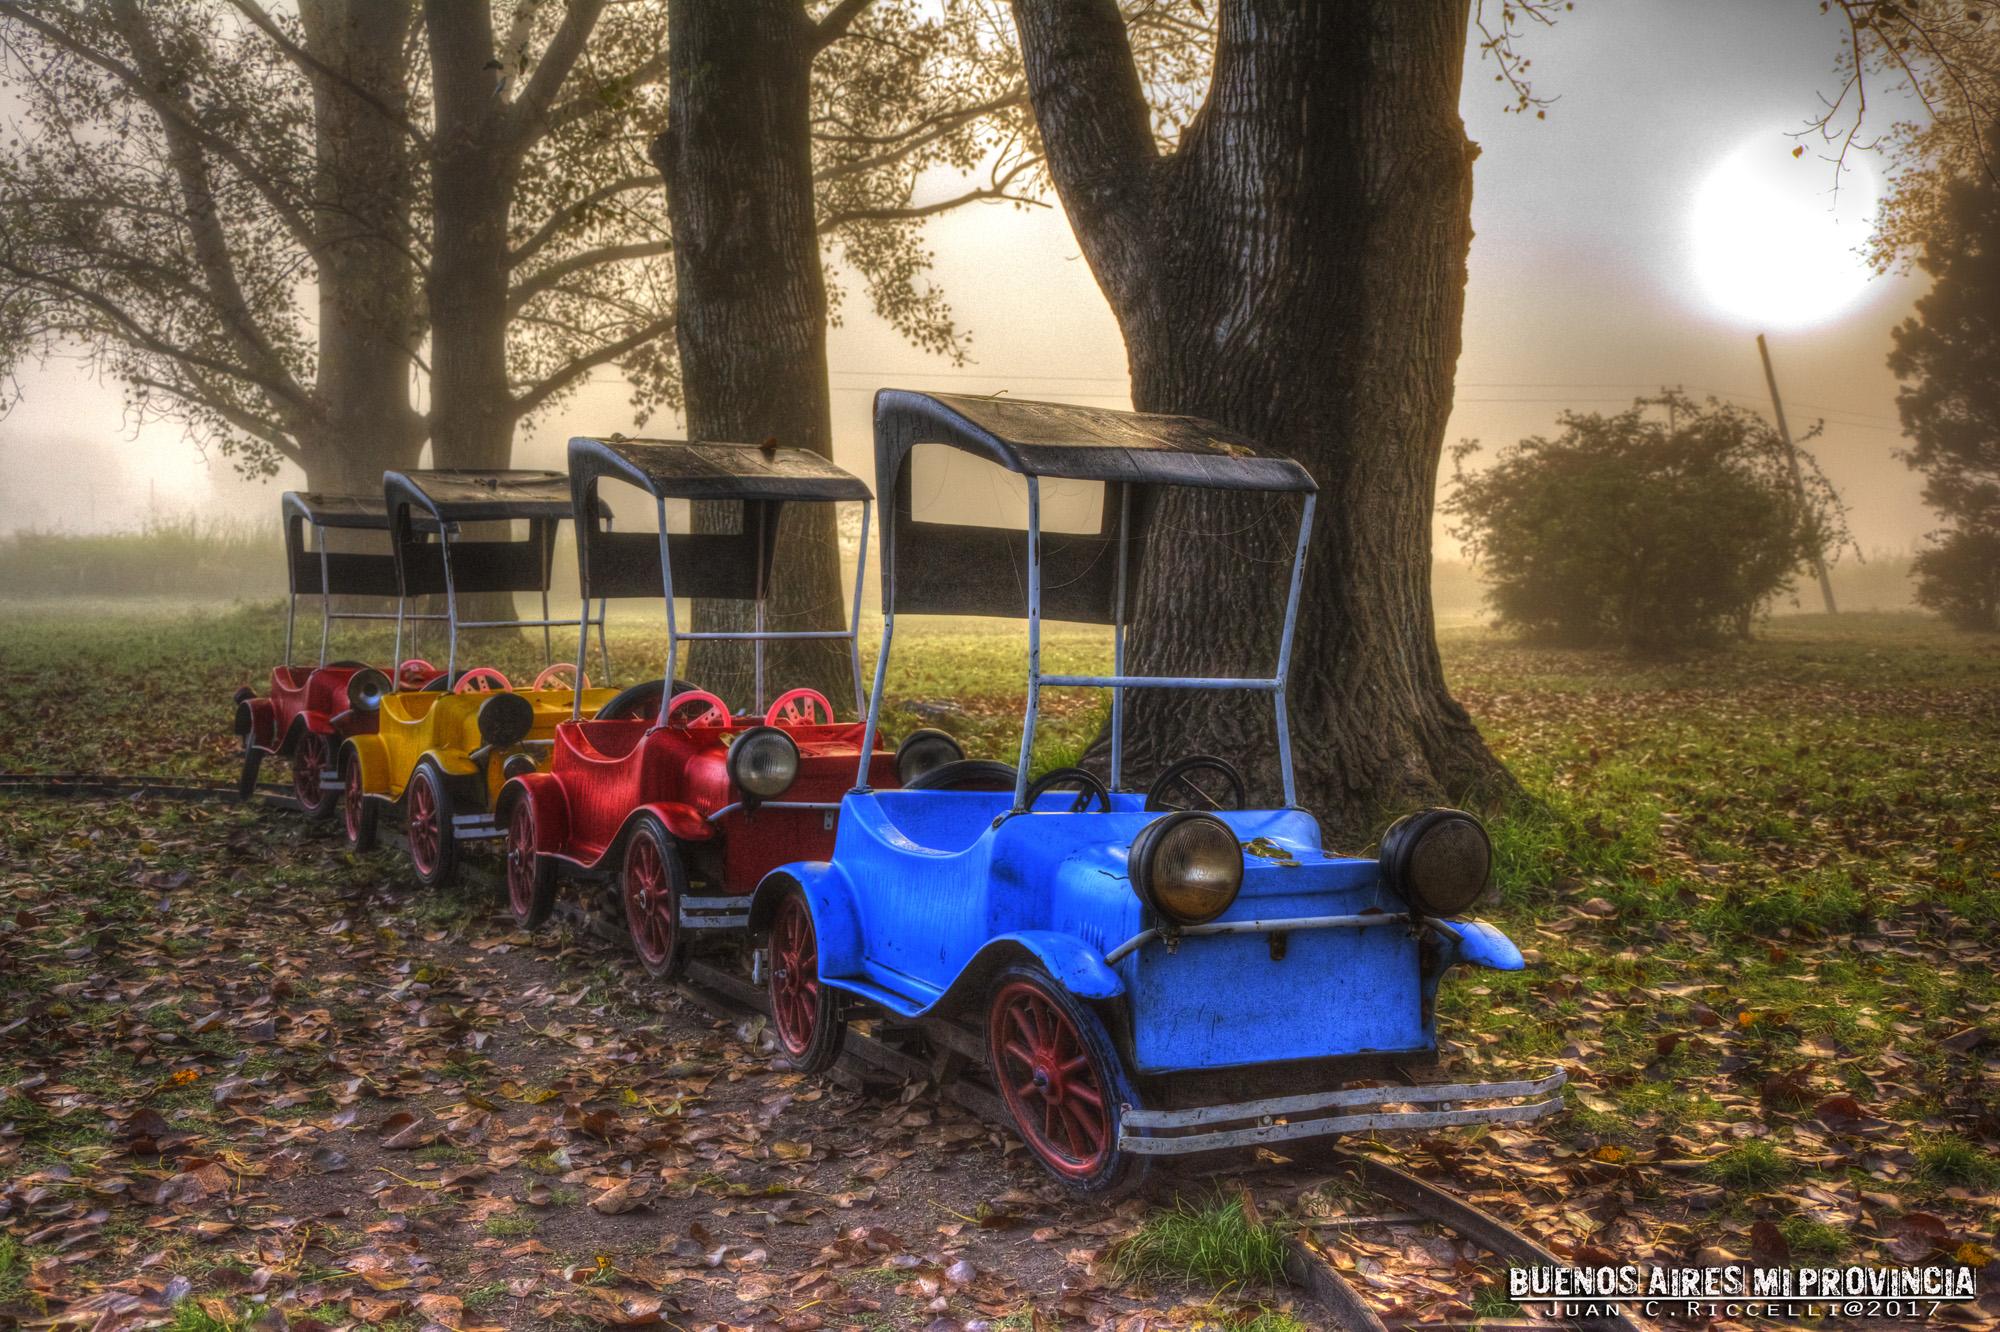 ... Eisenbahn, Dorf, Bauernhof, HDR, Argentinien, Campo, Hinterhof,  Ländlichen, Niebla, Baum, Herbst, Nebel, Blume, Garten, Jahreszeit, Autos,  Landschaft, ...